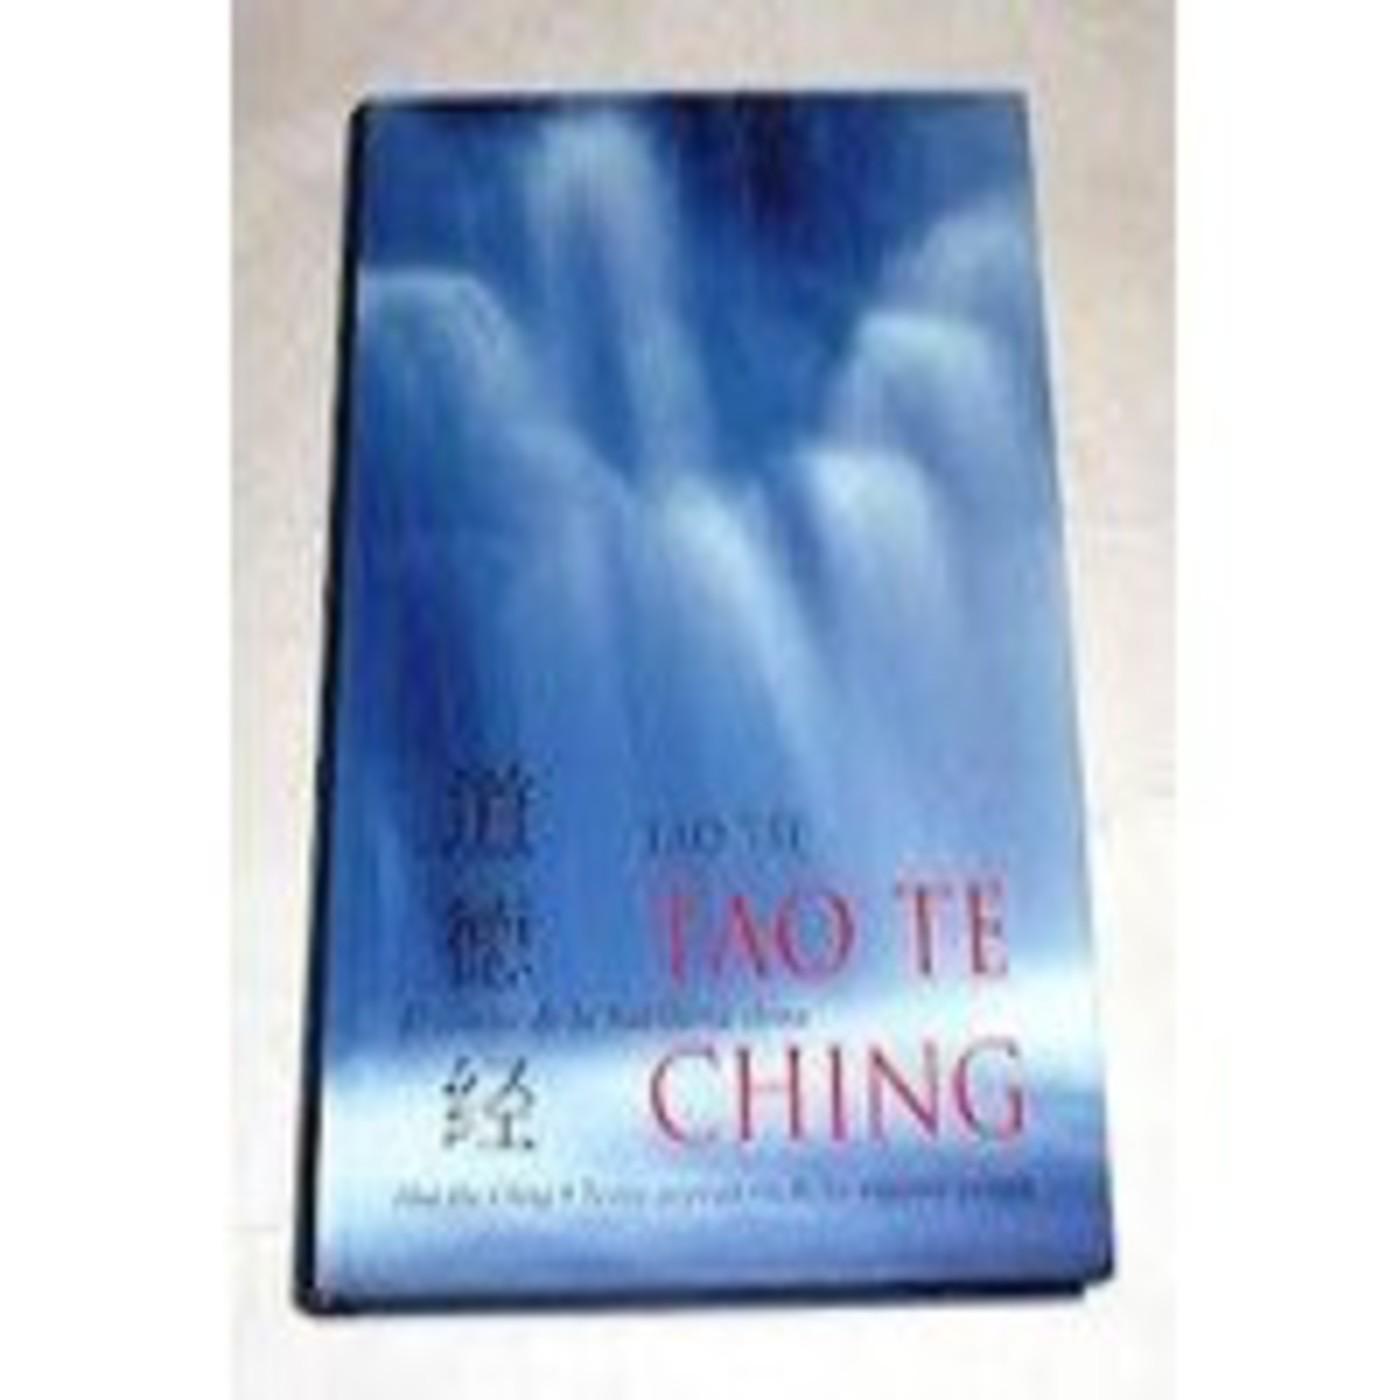 TAO TE KING (2de5)